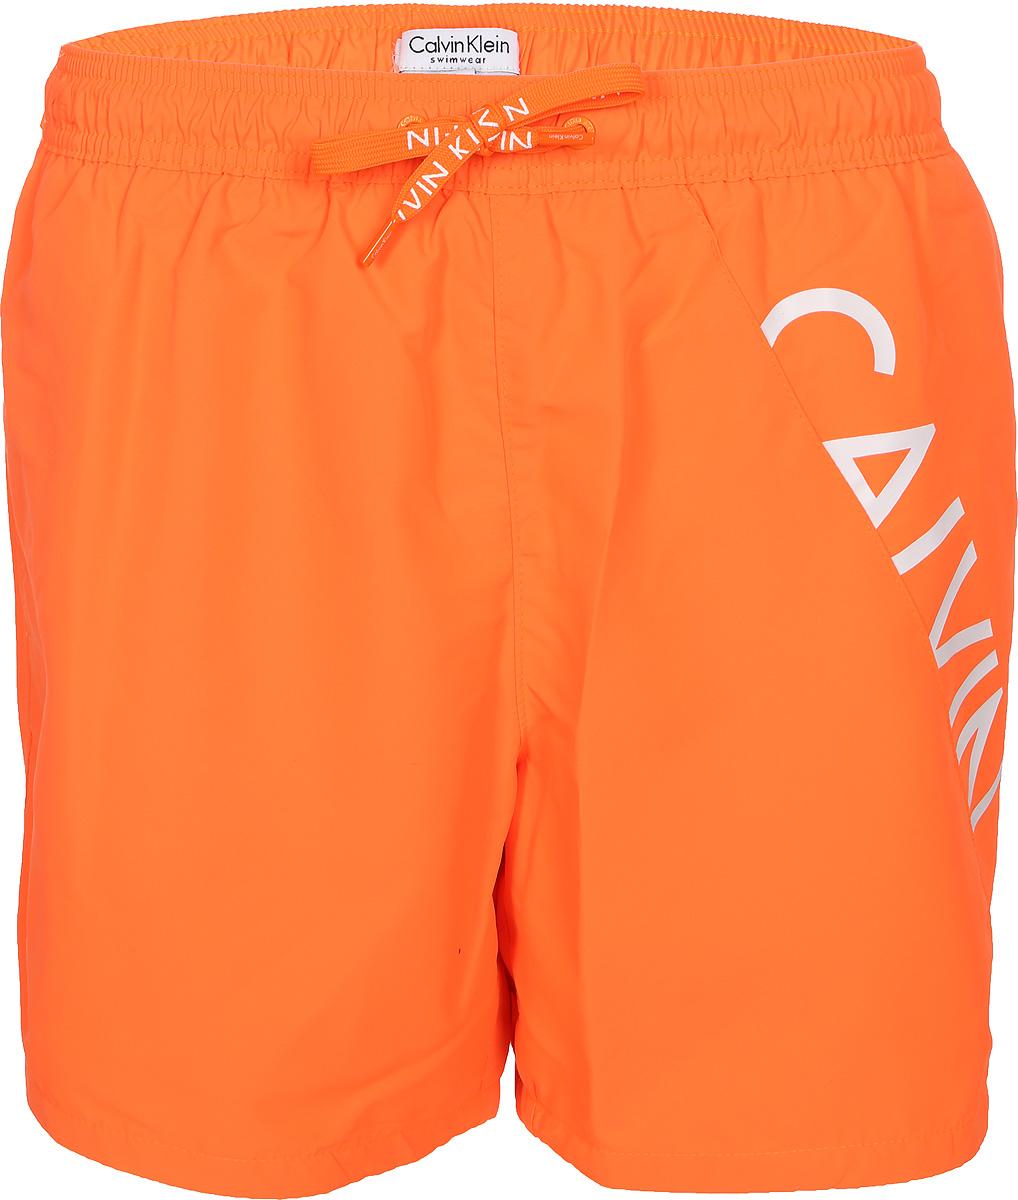 Шорты для плавания мужские Calvin Klein Underwear, цвет: оранжевый. KM0KM00168_807. Размер L (52)KM0KM00168_807Шорты для плавания от Calvin Klein выполнены из 100% полиэстера. Материал быстро сохнет. Модель с эластичной резинкой на талии и регулируемым шнурком.